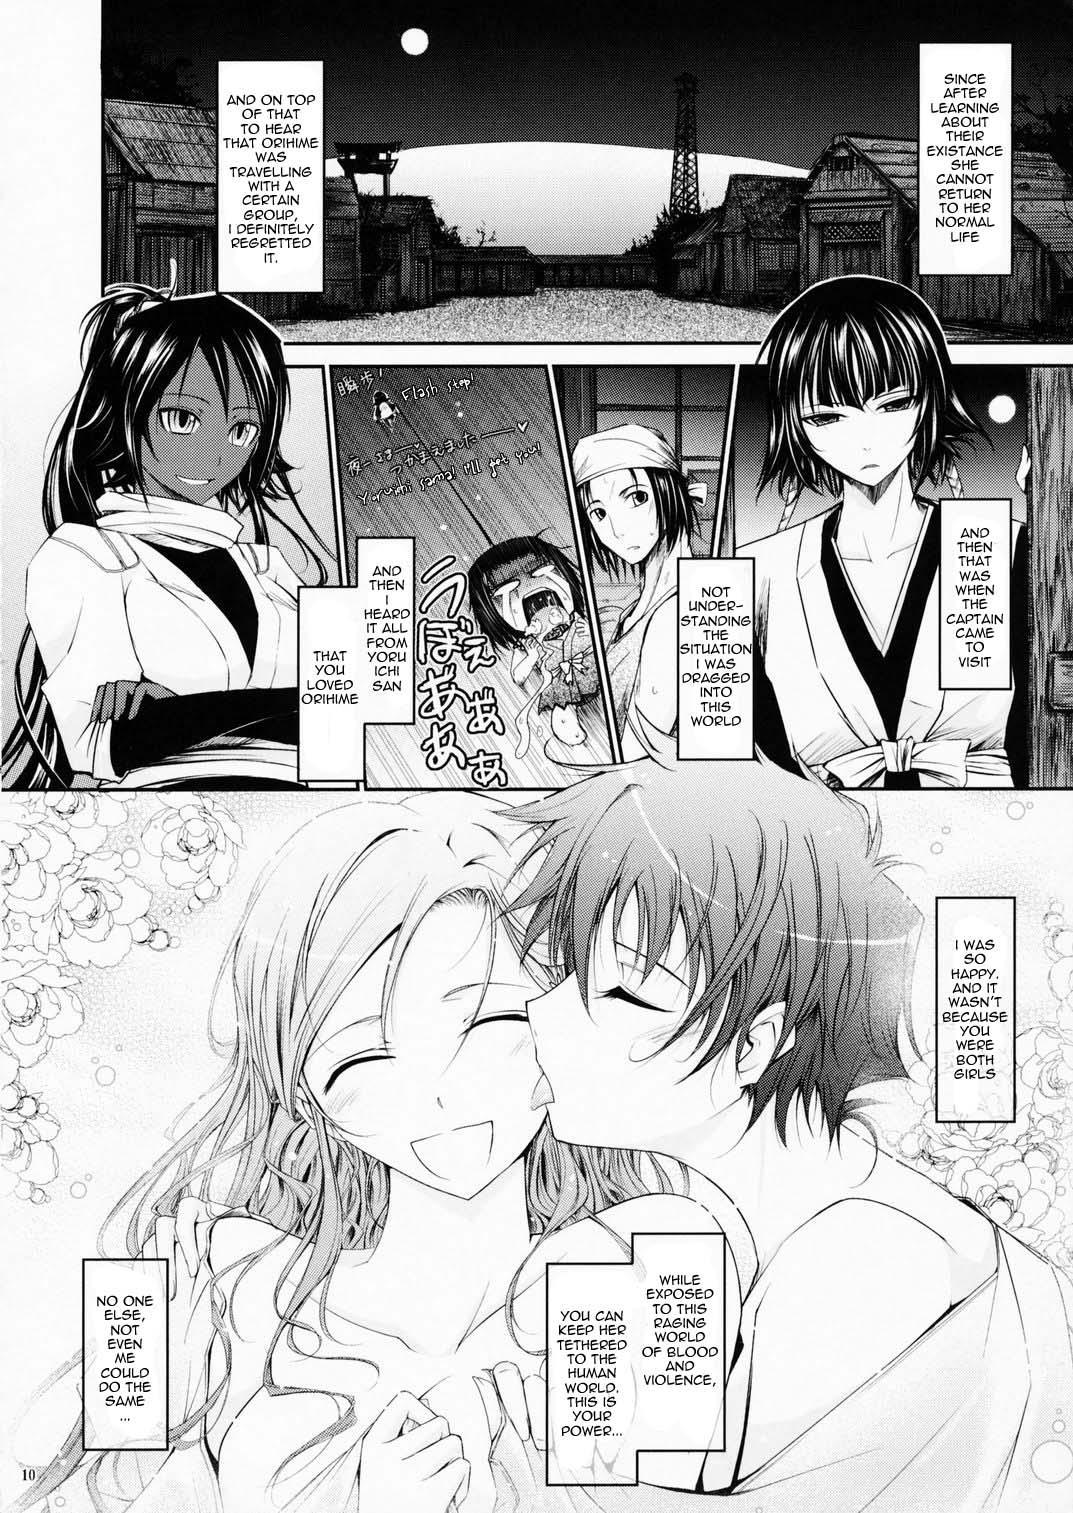 (C75) [Garyuh Chitai (TANA)] Aki-Akane -Sequel 1- (Bleach) [English] 8